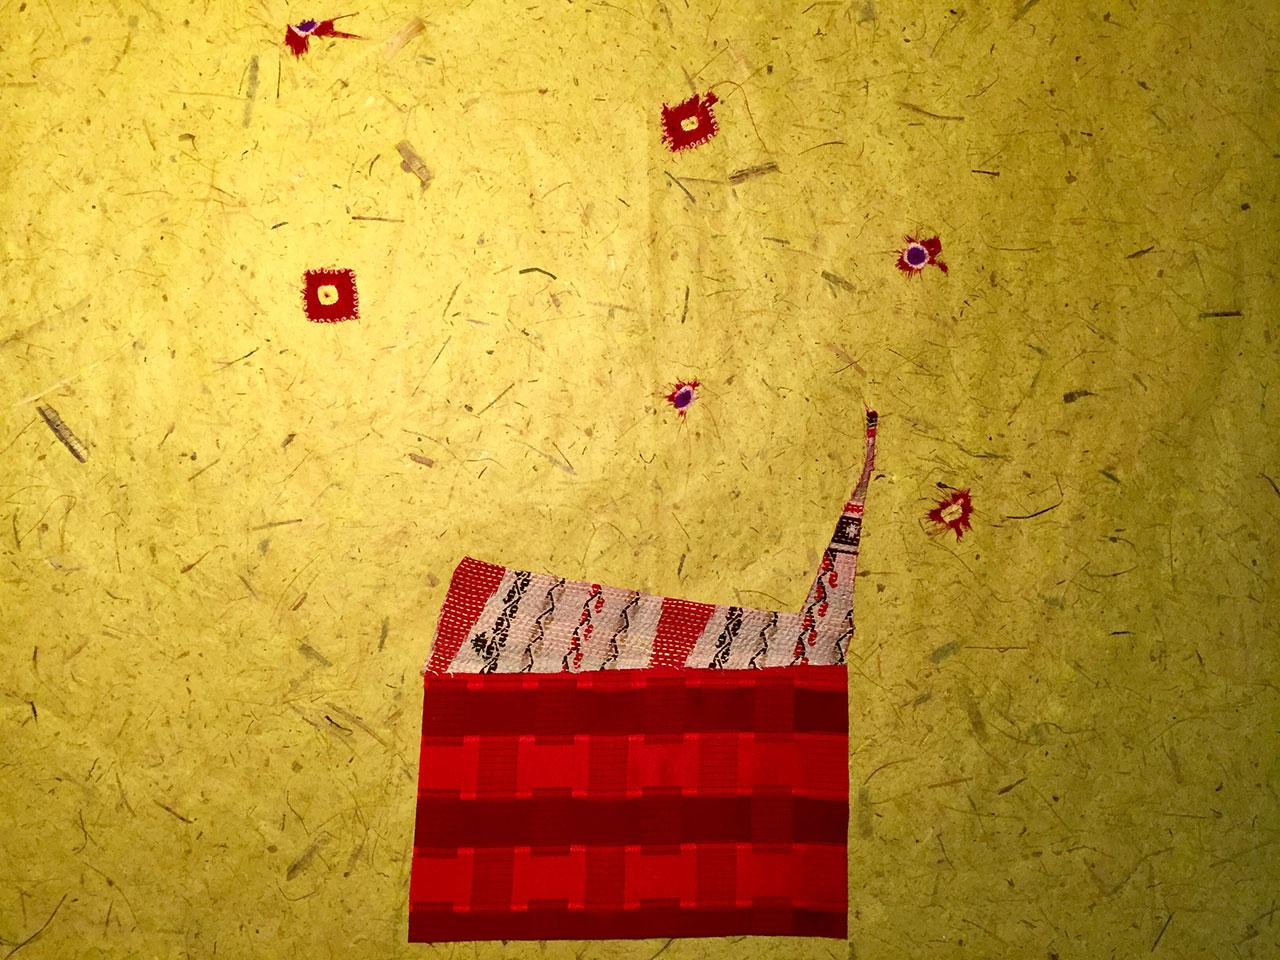 Livia Liverani - Casa rossa con stelle